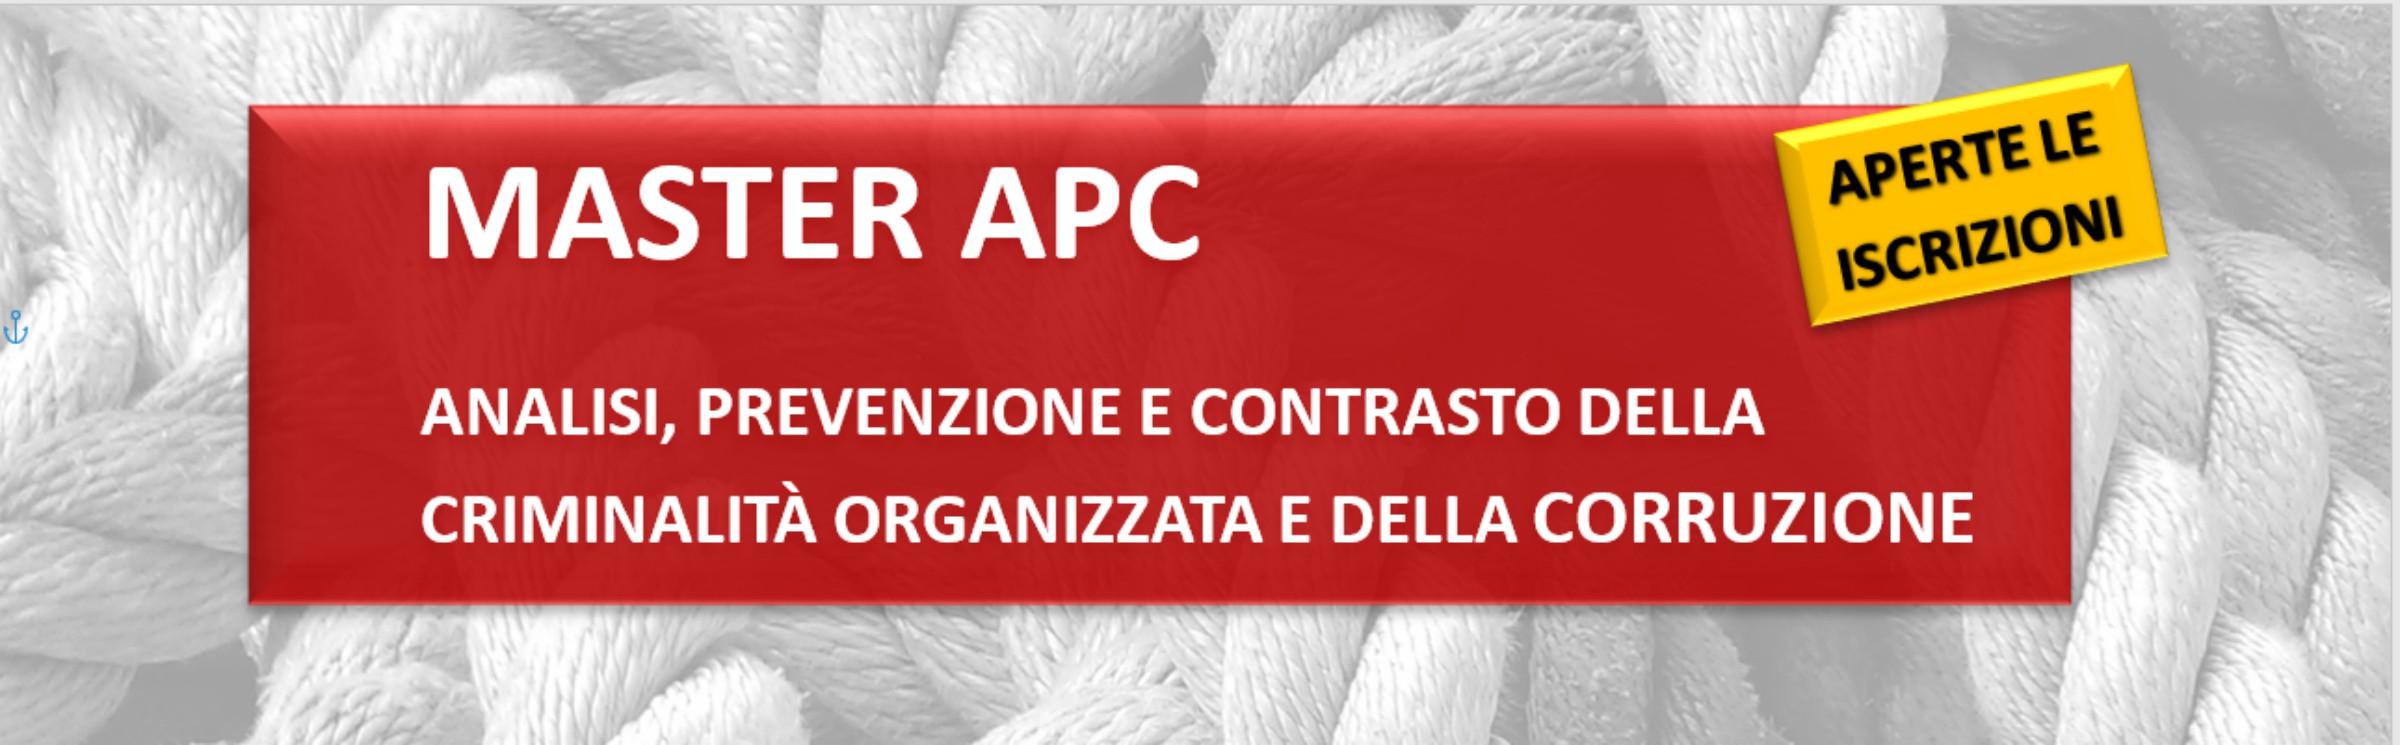 X edizione del Master Analisi, prevenzione e contrasto della criminalità organizzata e della corruzione: iscrizioni aperte fino al 22 gennaio